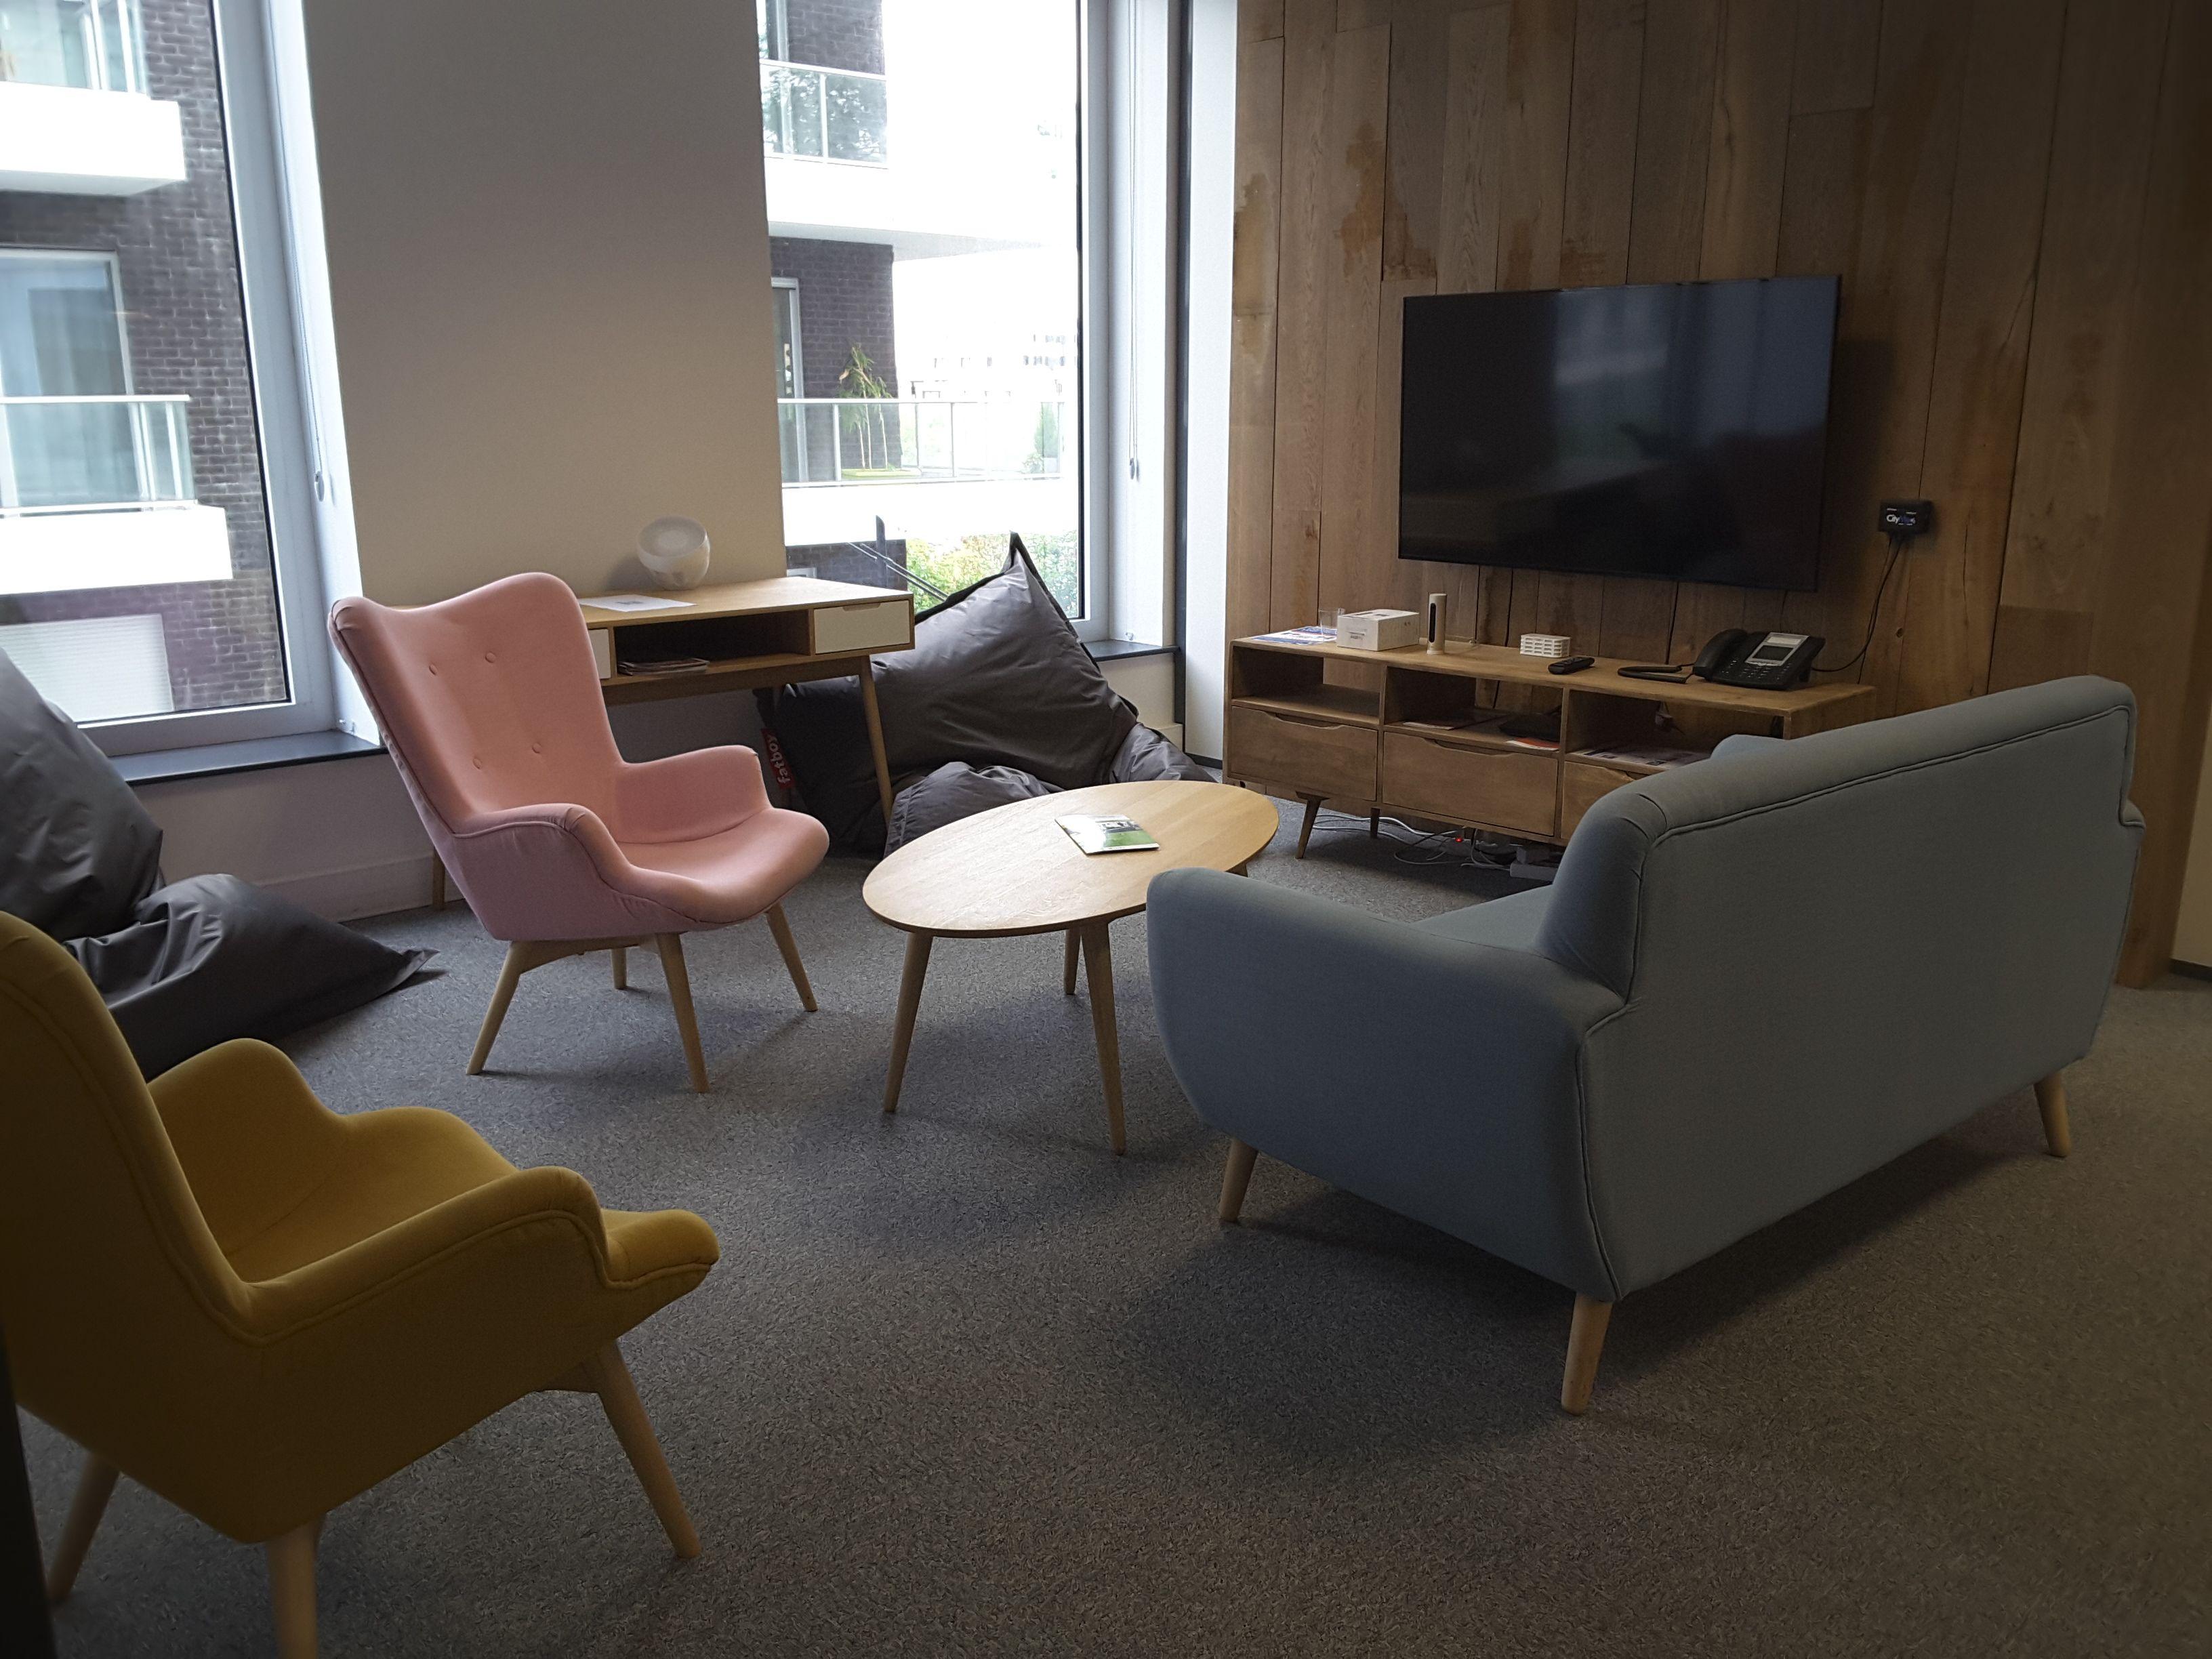 espace partagé d'une capacité de 4 personnes à Lille